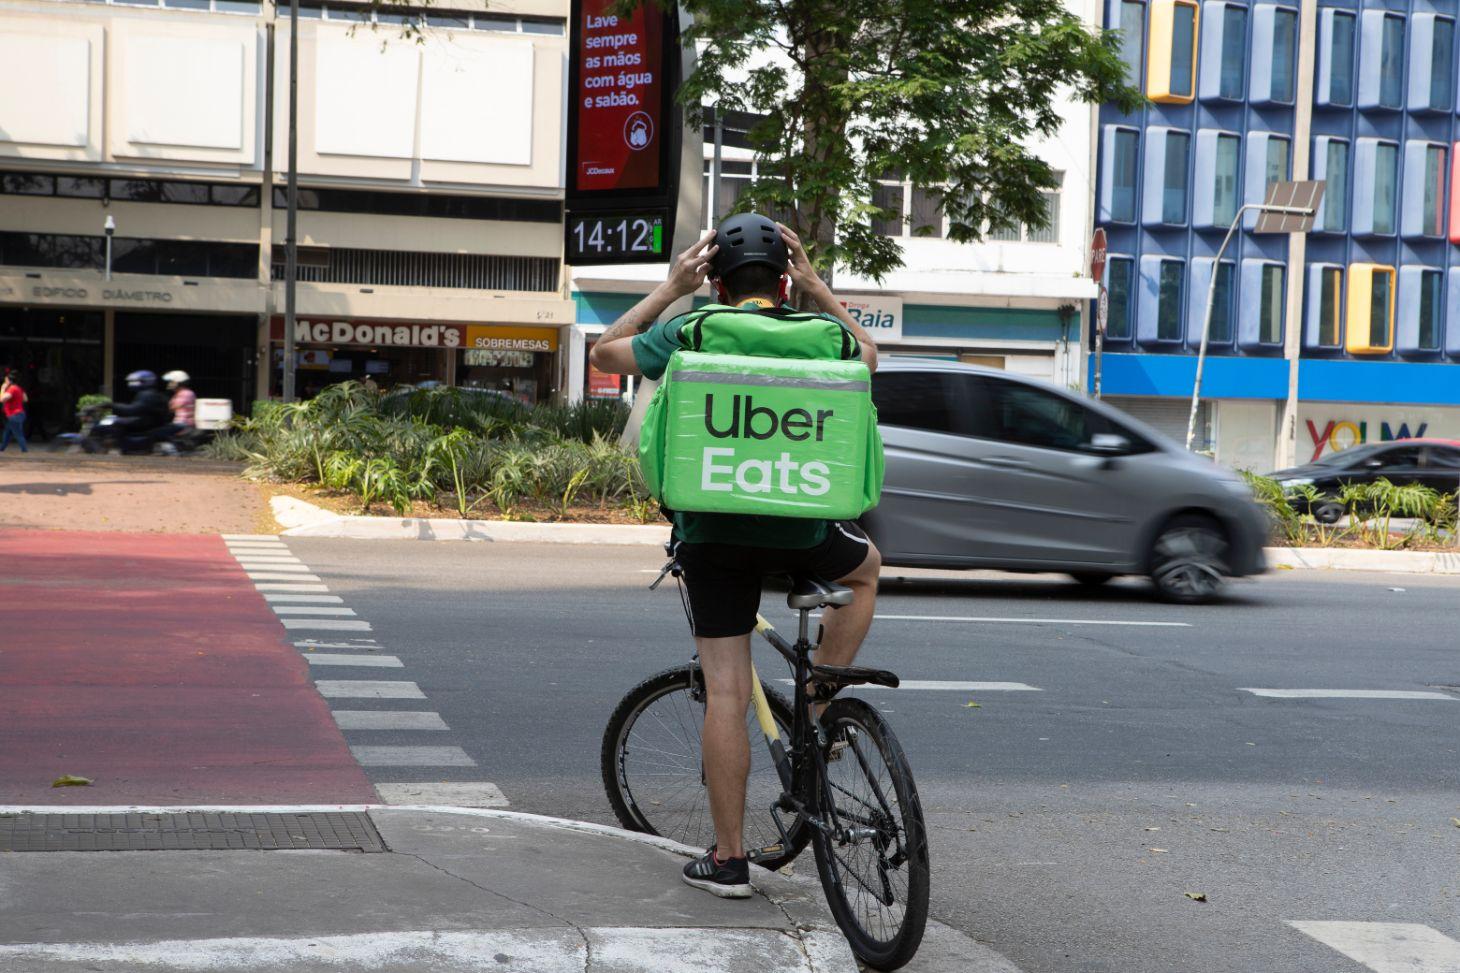 ciclista com mochila do uber eats aguarda para atravessar a rua shutterstock